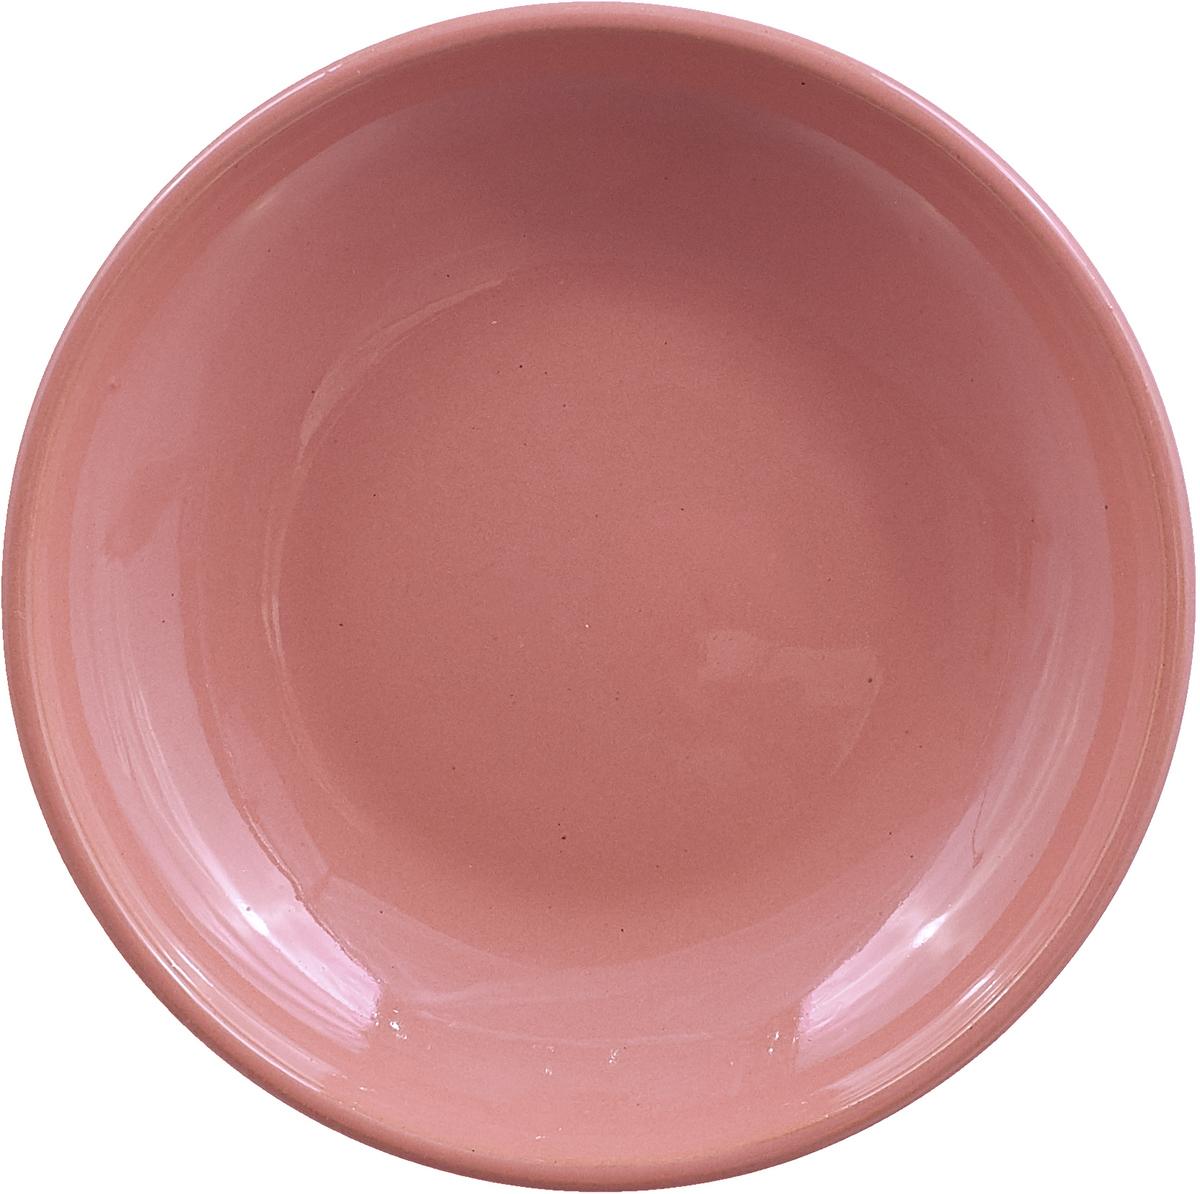 Блюдце Борисовская керамика